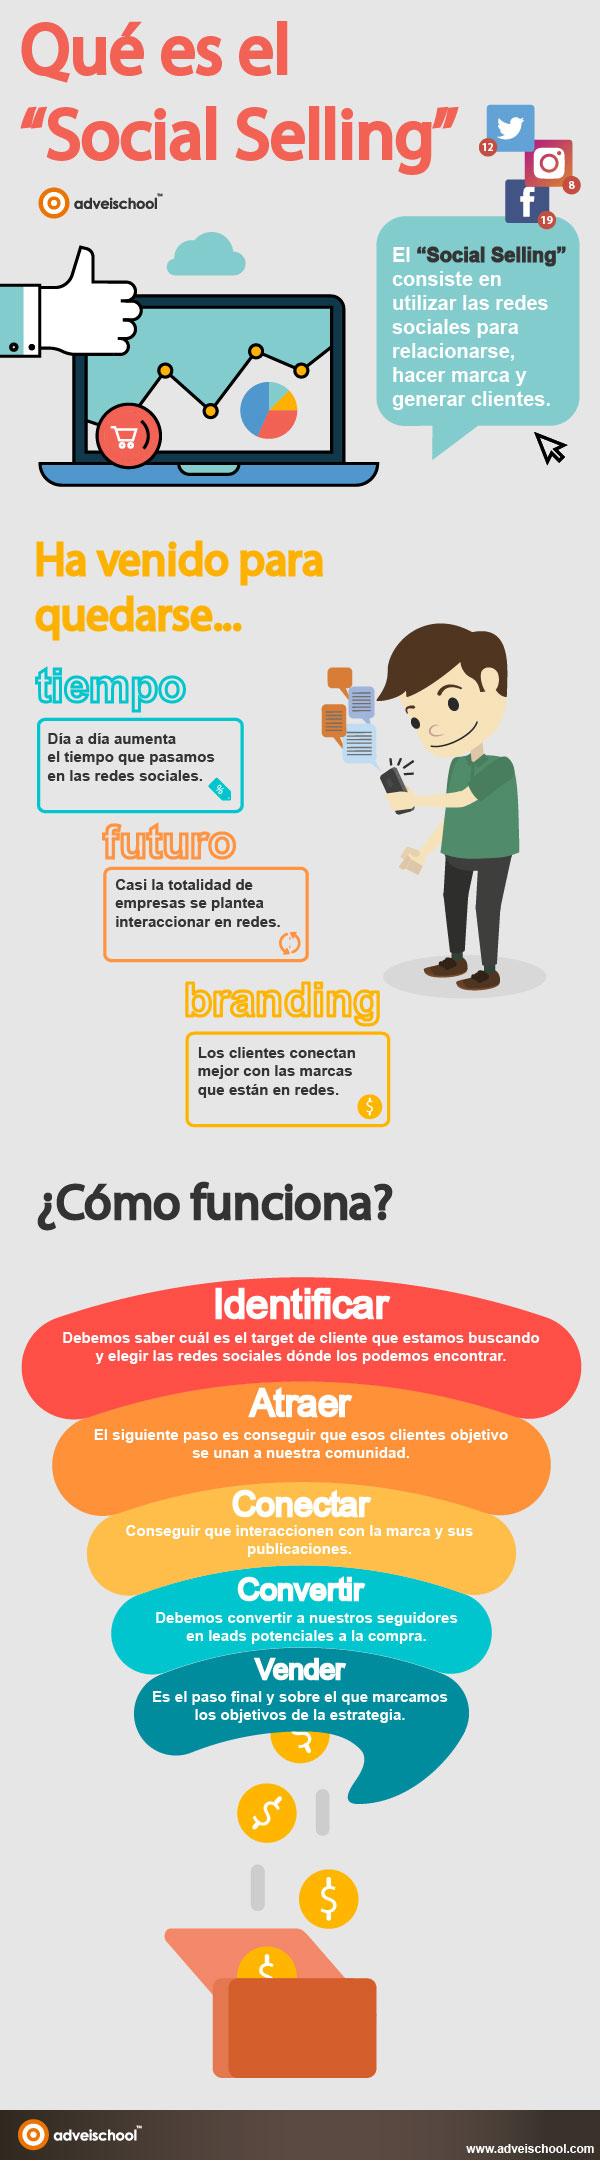 Qué es Social Selling #infografia #socialmedia #marketing